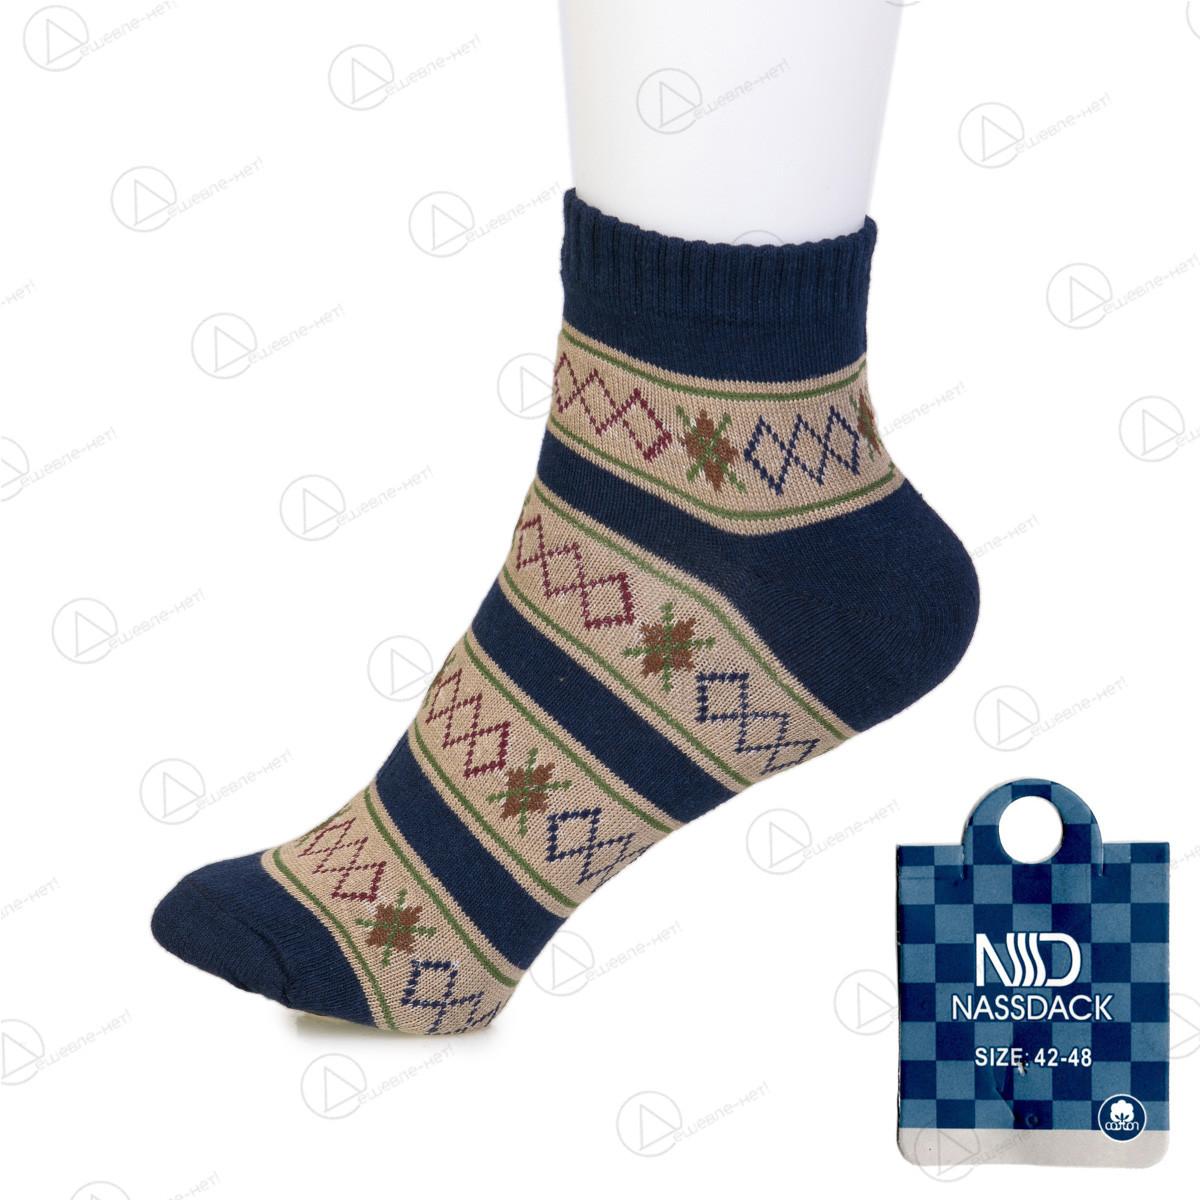 Короткие носки мужские с узором Nassdack 1005-4